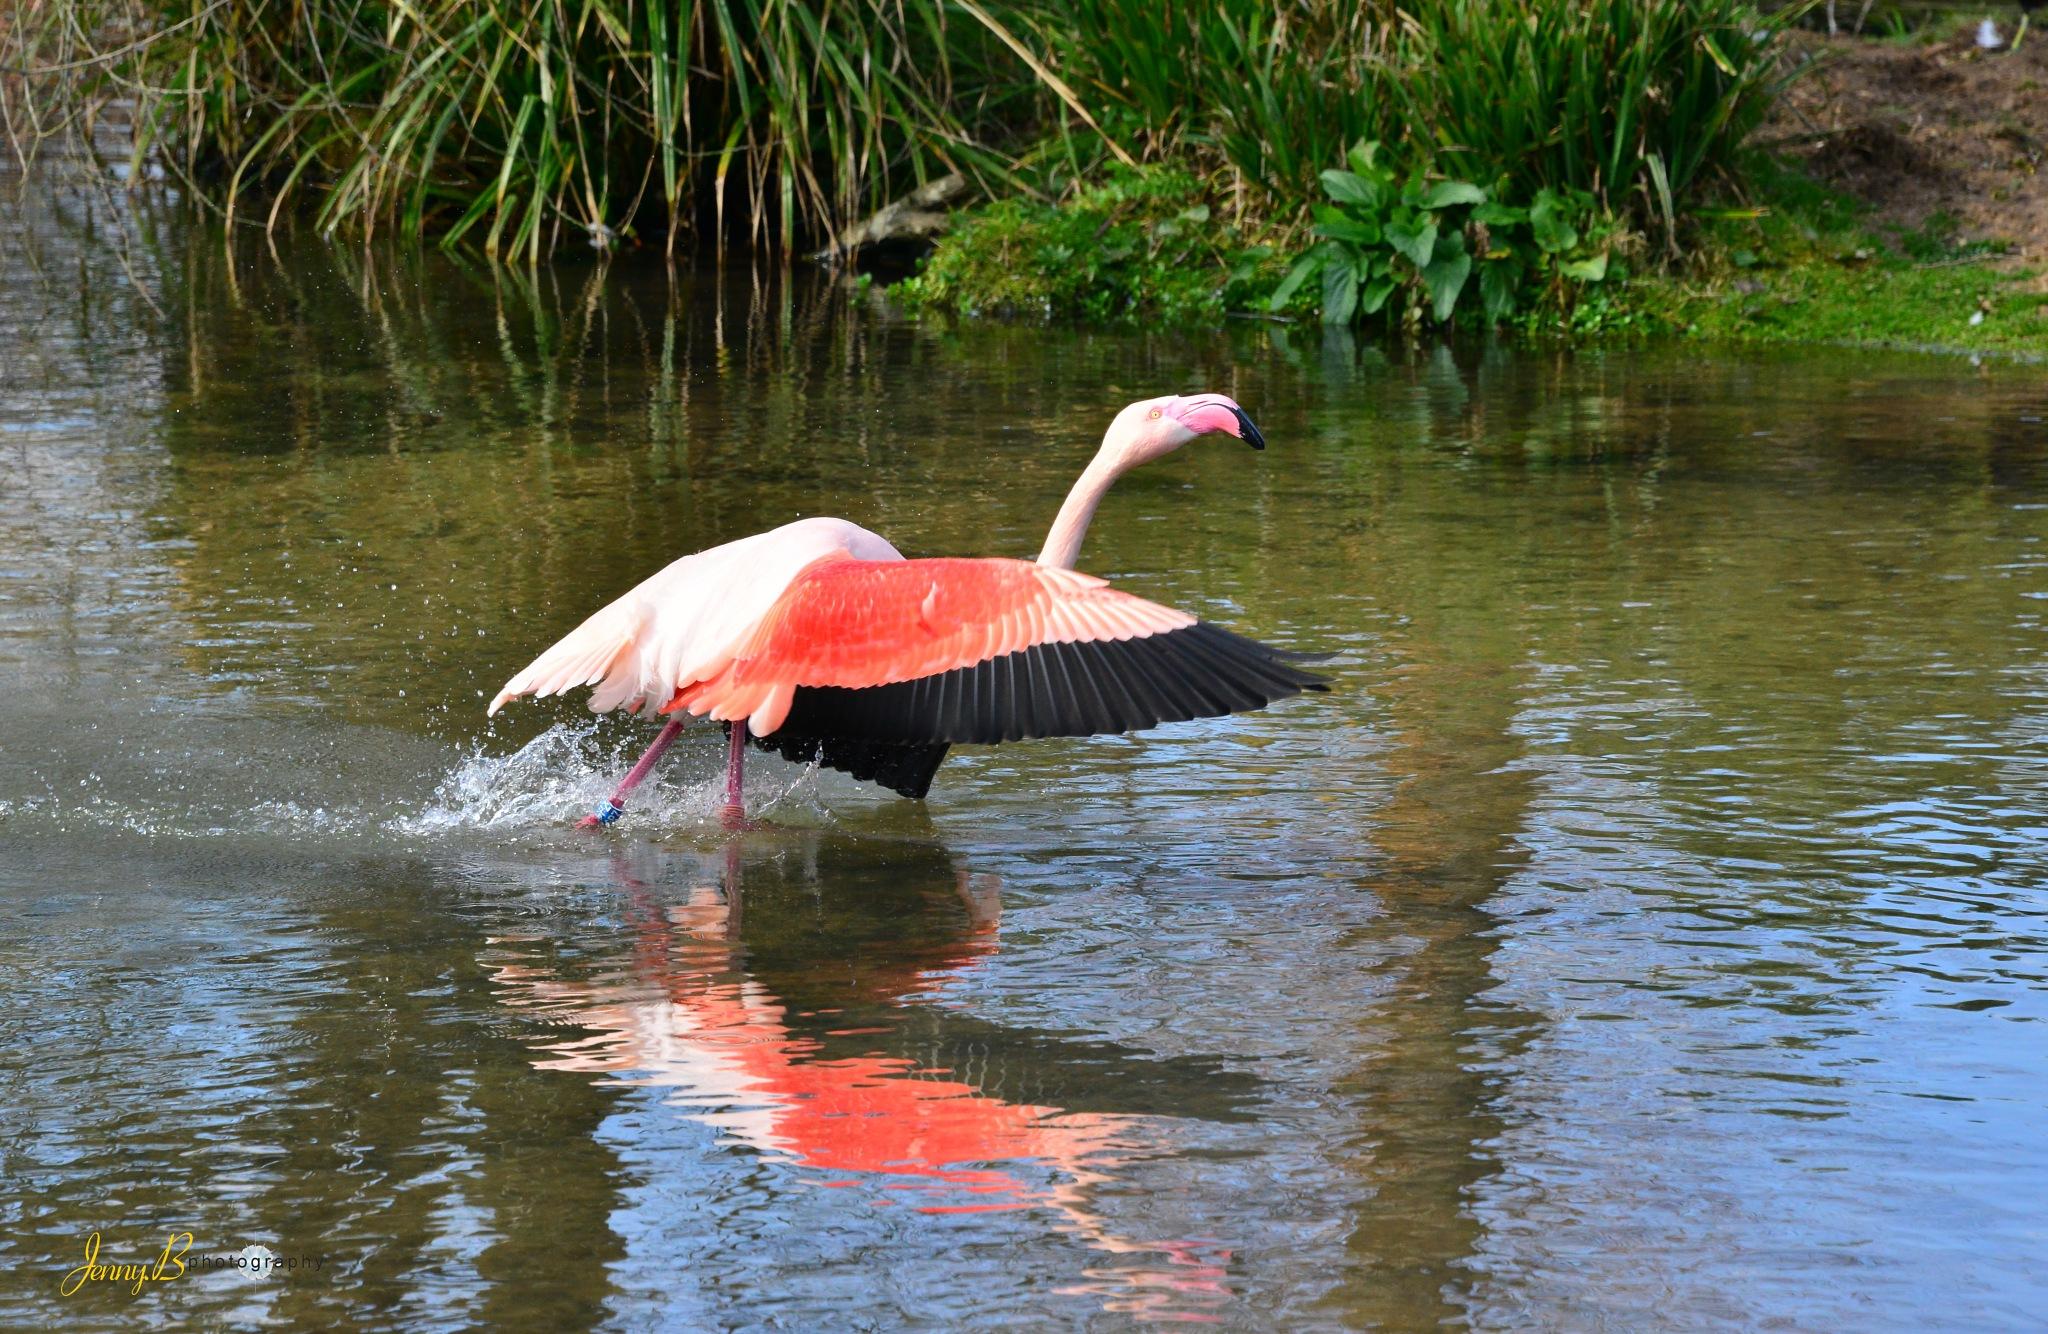 Flamingo by jb_127  ( jennybphotography)